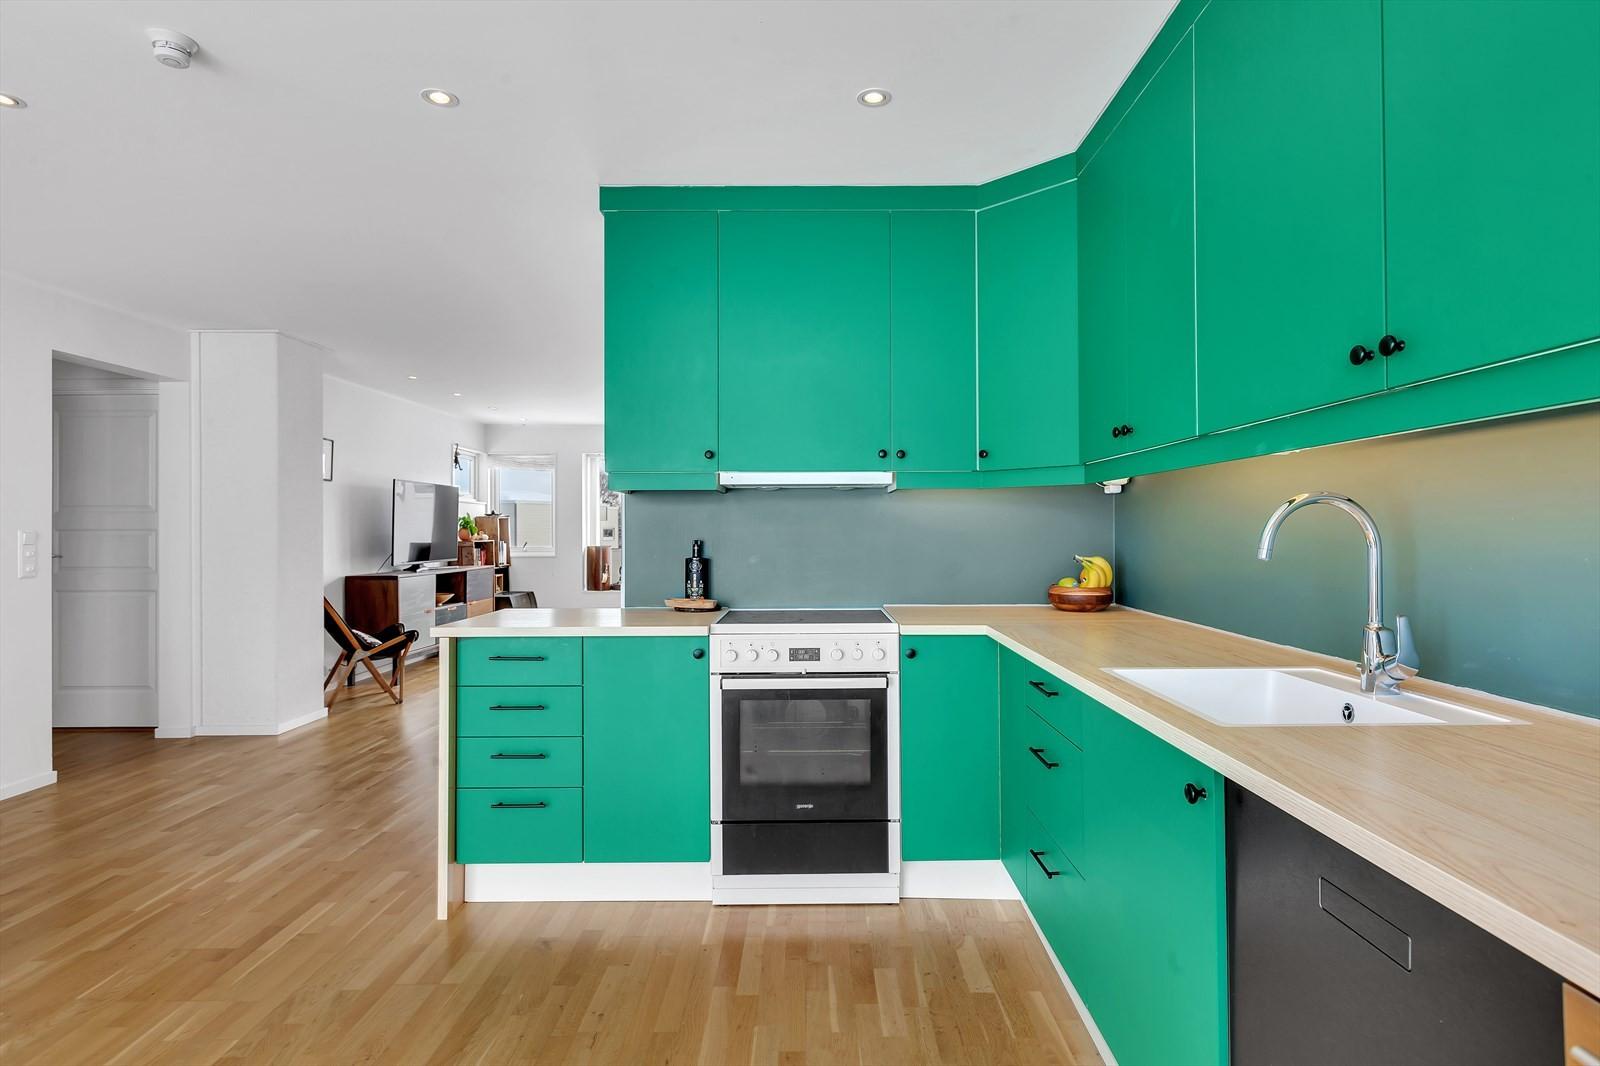 Kjøkken har nyere benkeplate, vask og blandebatteri.